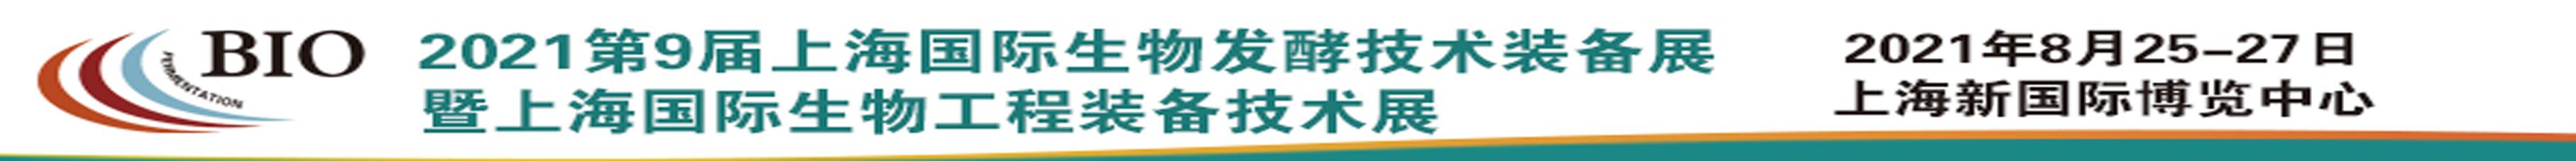 2021第九届上海国际生物发酵产品与技术装备展览会暨上海国际生物工程装备技术展